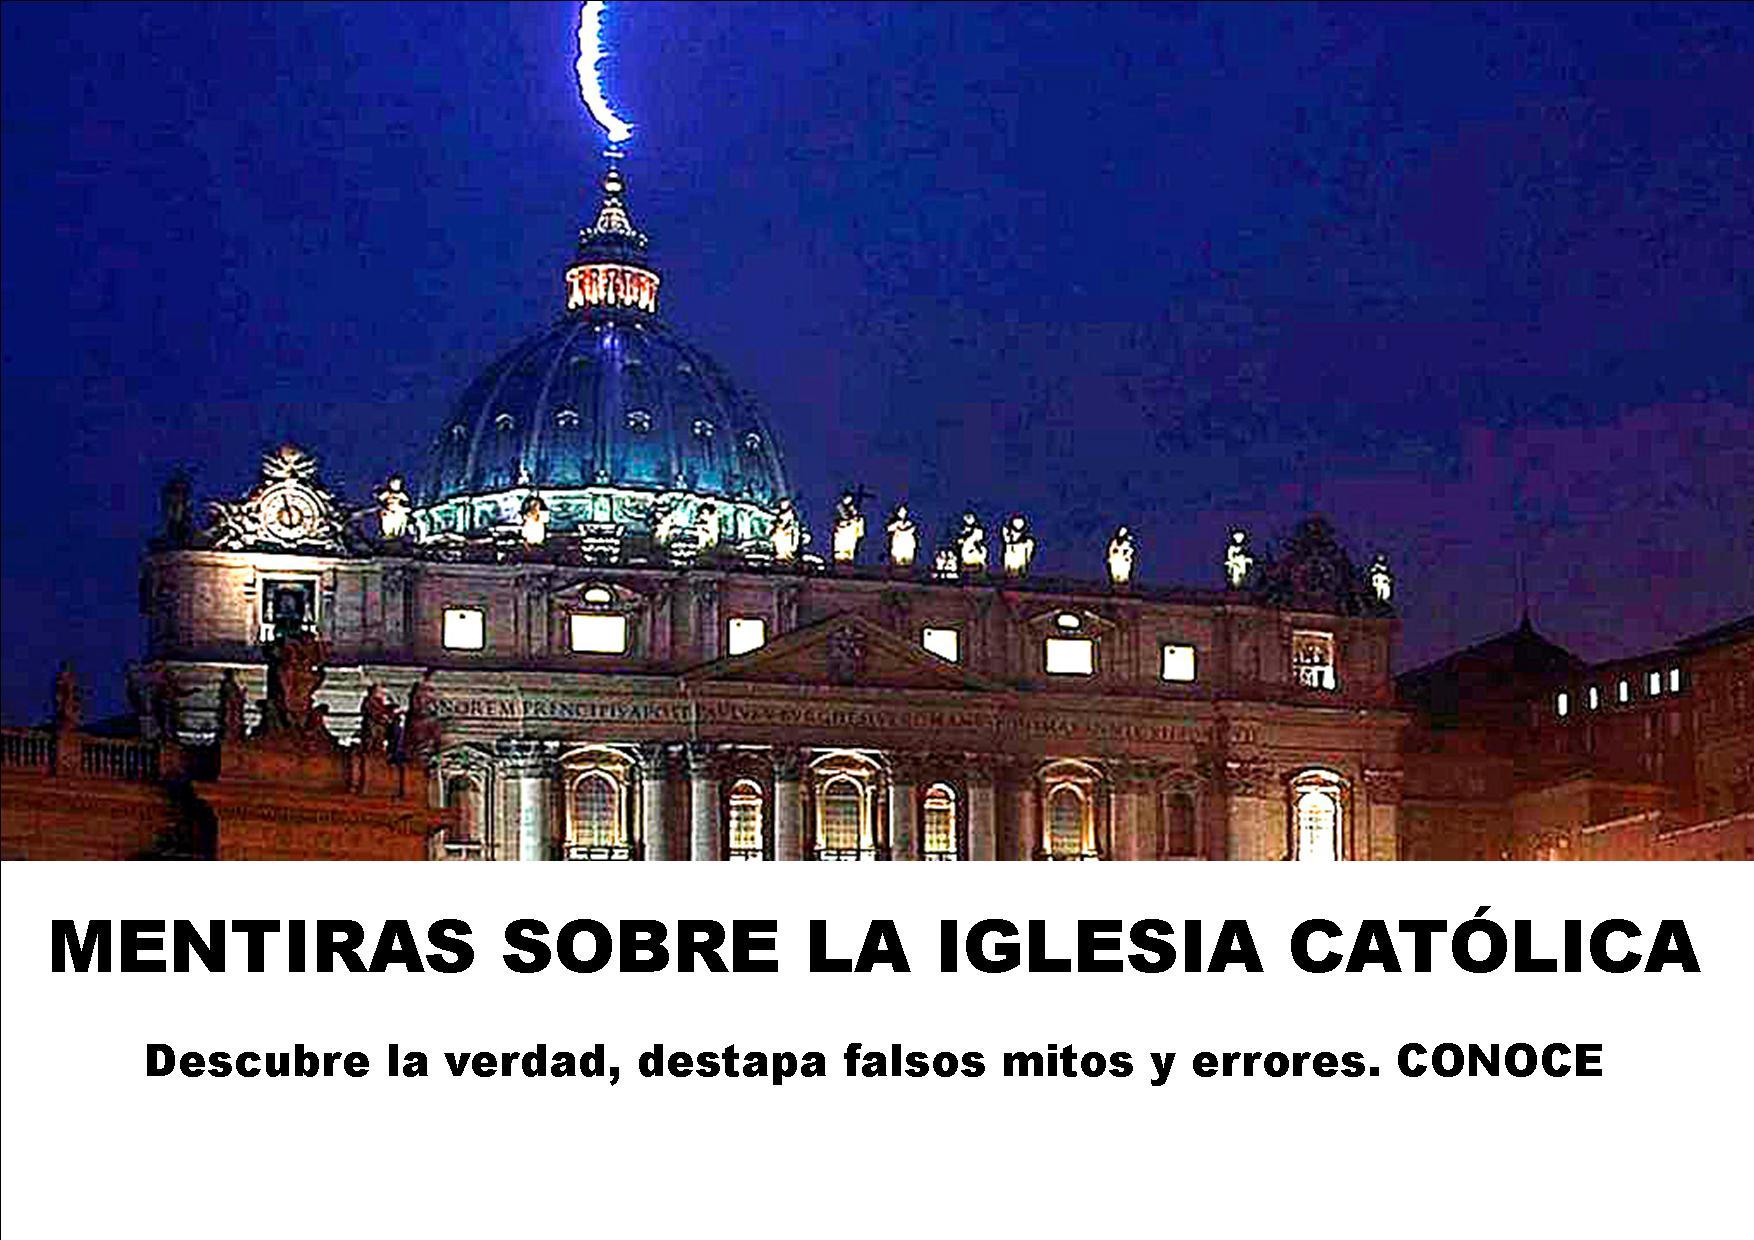 Mentiras que cuentan sobre la Iglesia Católica. Conoce la verdad.